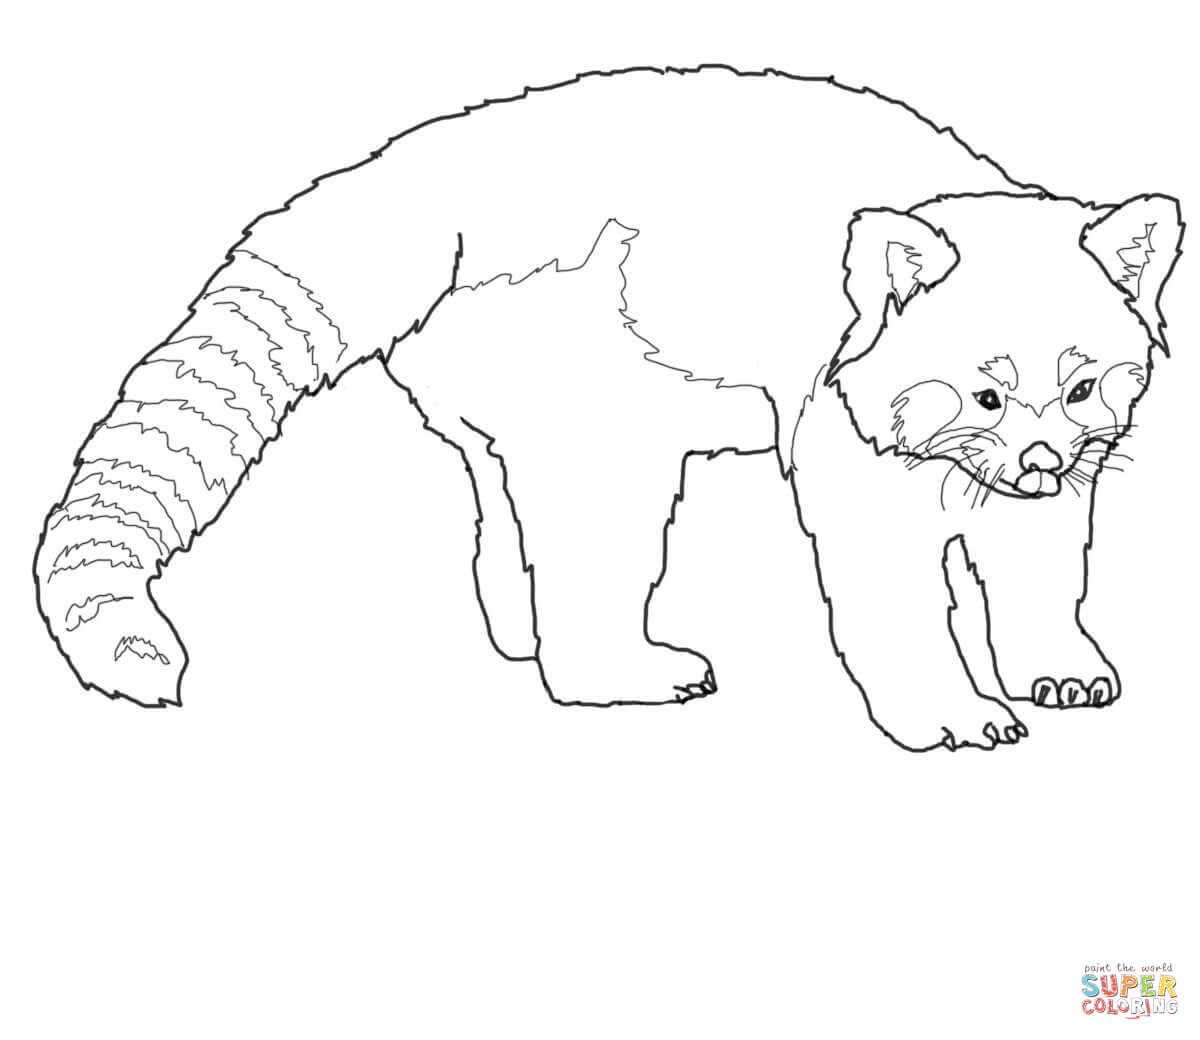 Drawn red panda sheet Panda Free Red coloring Panda